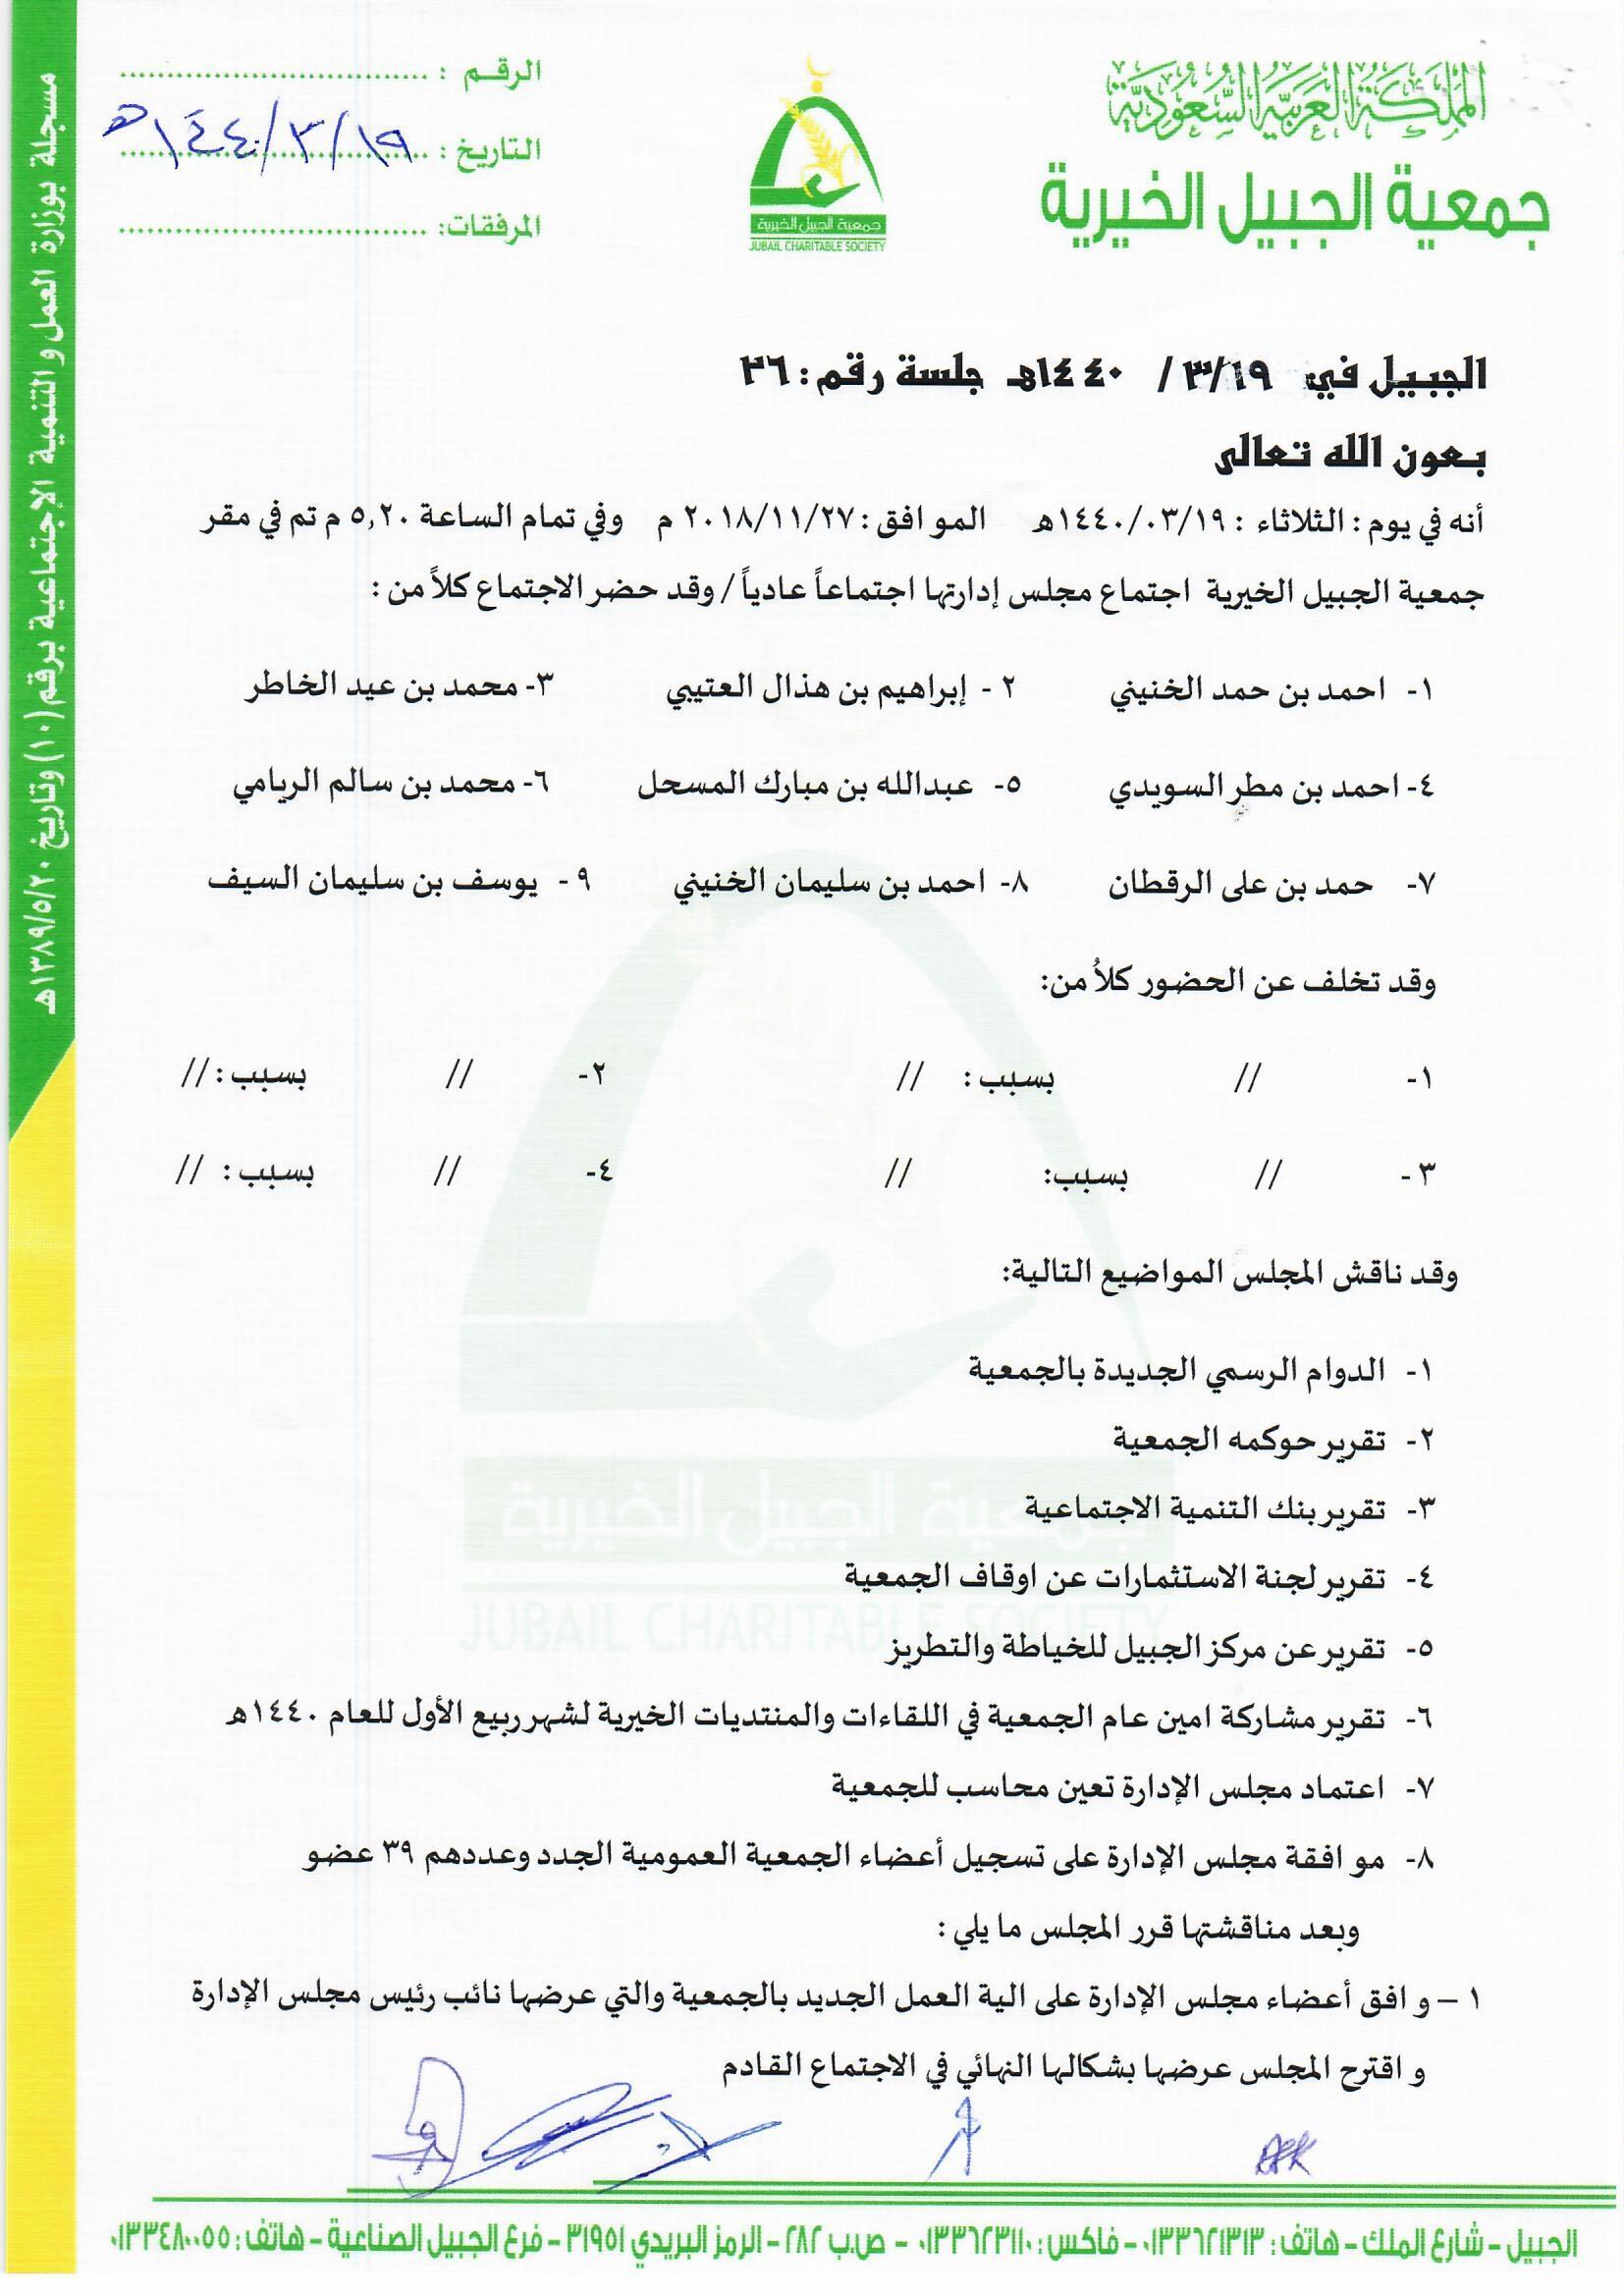 الرمز البريدي في محافظة 12